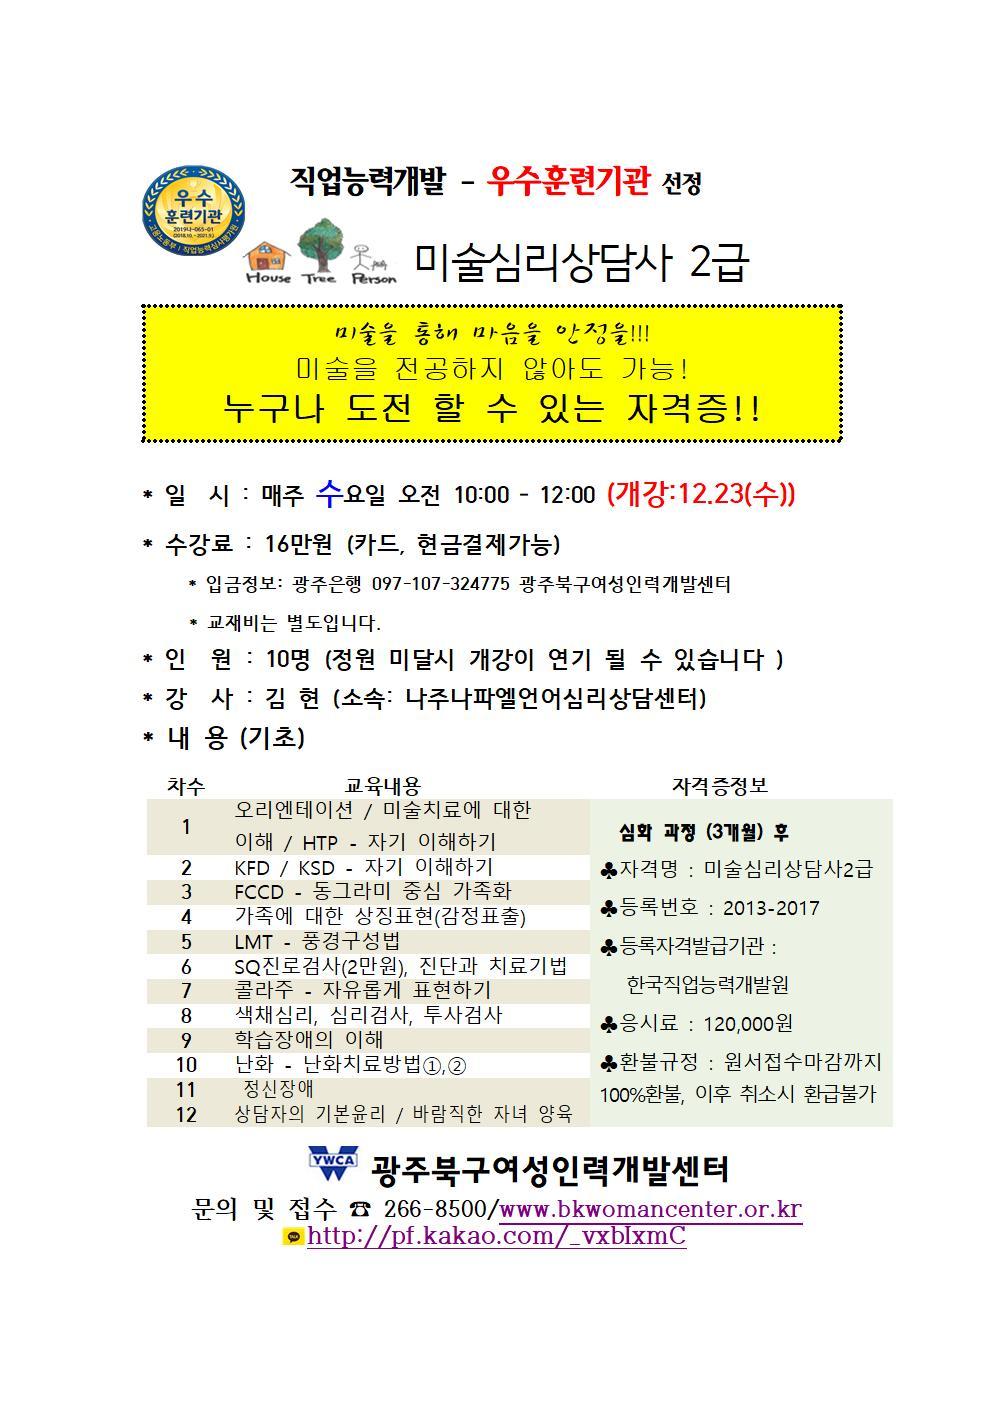 20-2 미술심리상담사 전단지-12001